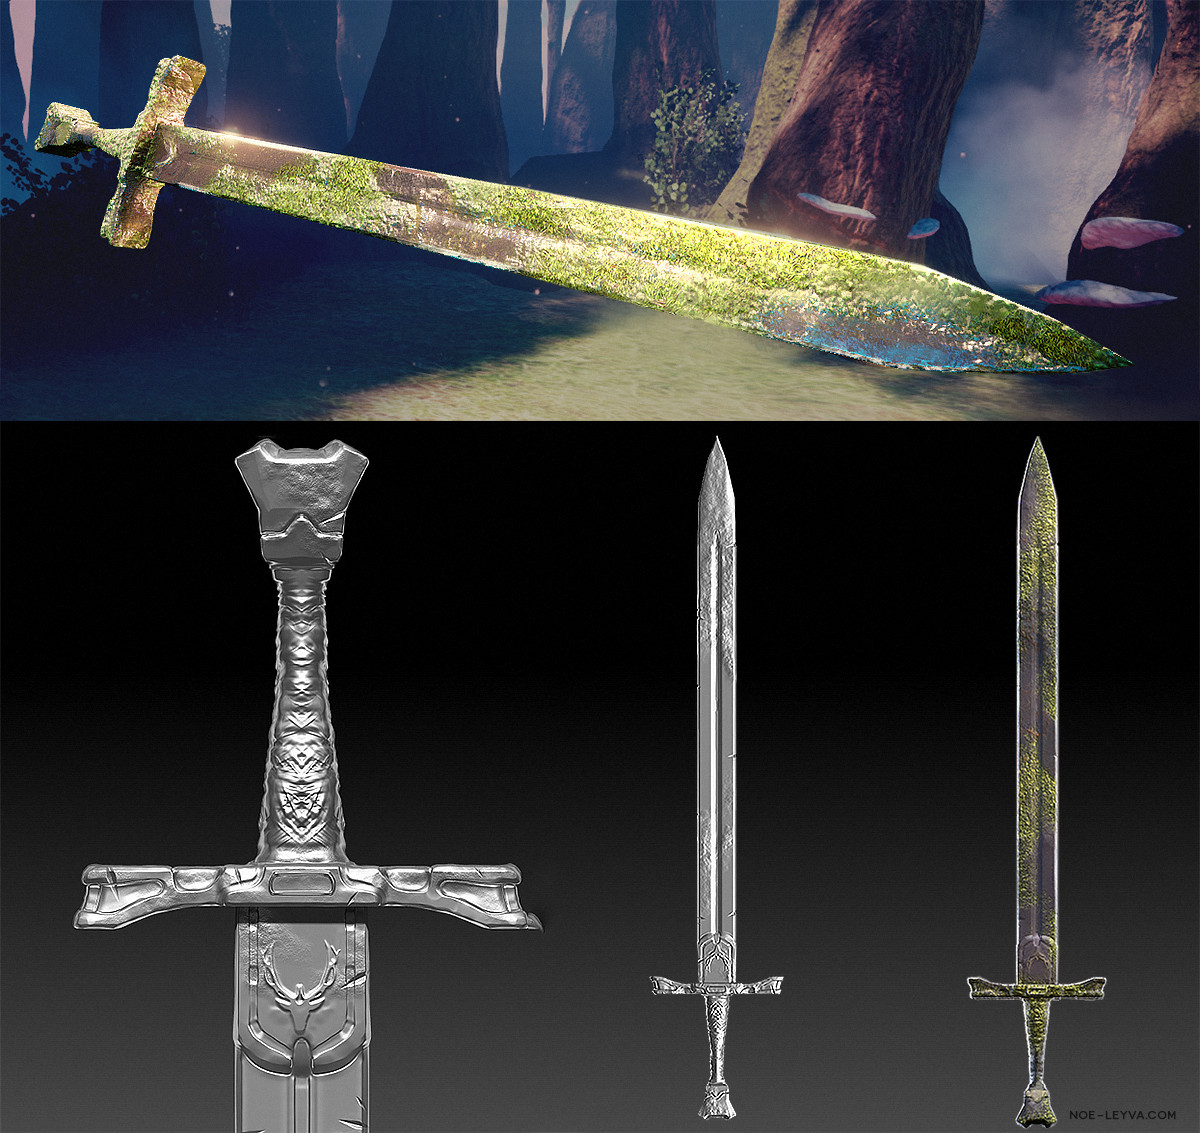 Noe leyva sword1